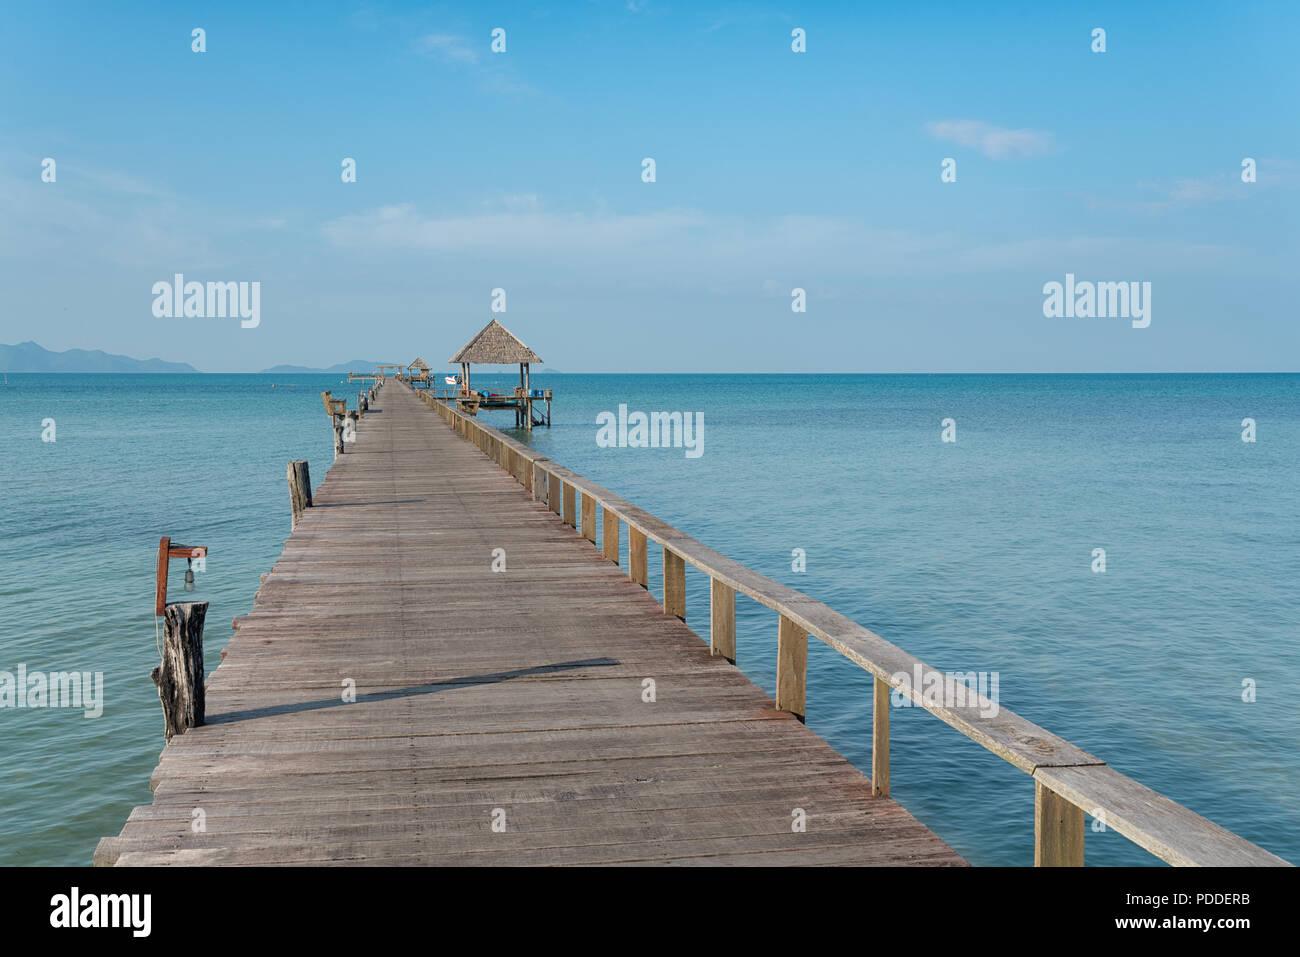 Jetée en bois avec voile à Phuket, Thaïlande. L'été, les voyages, vacances et maison de vacances concept. Photo Stock